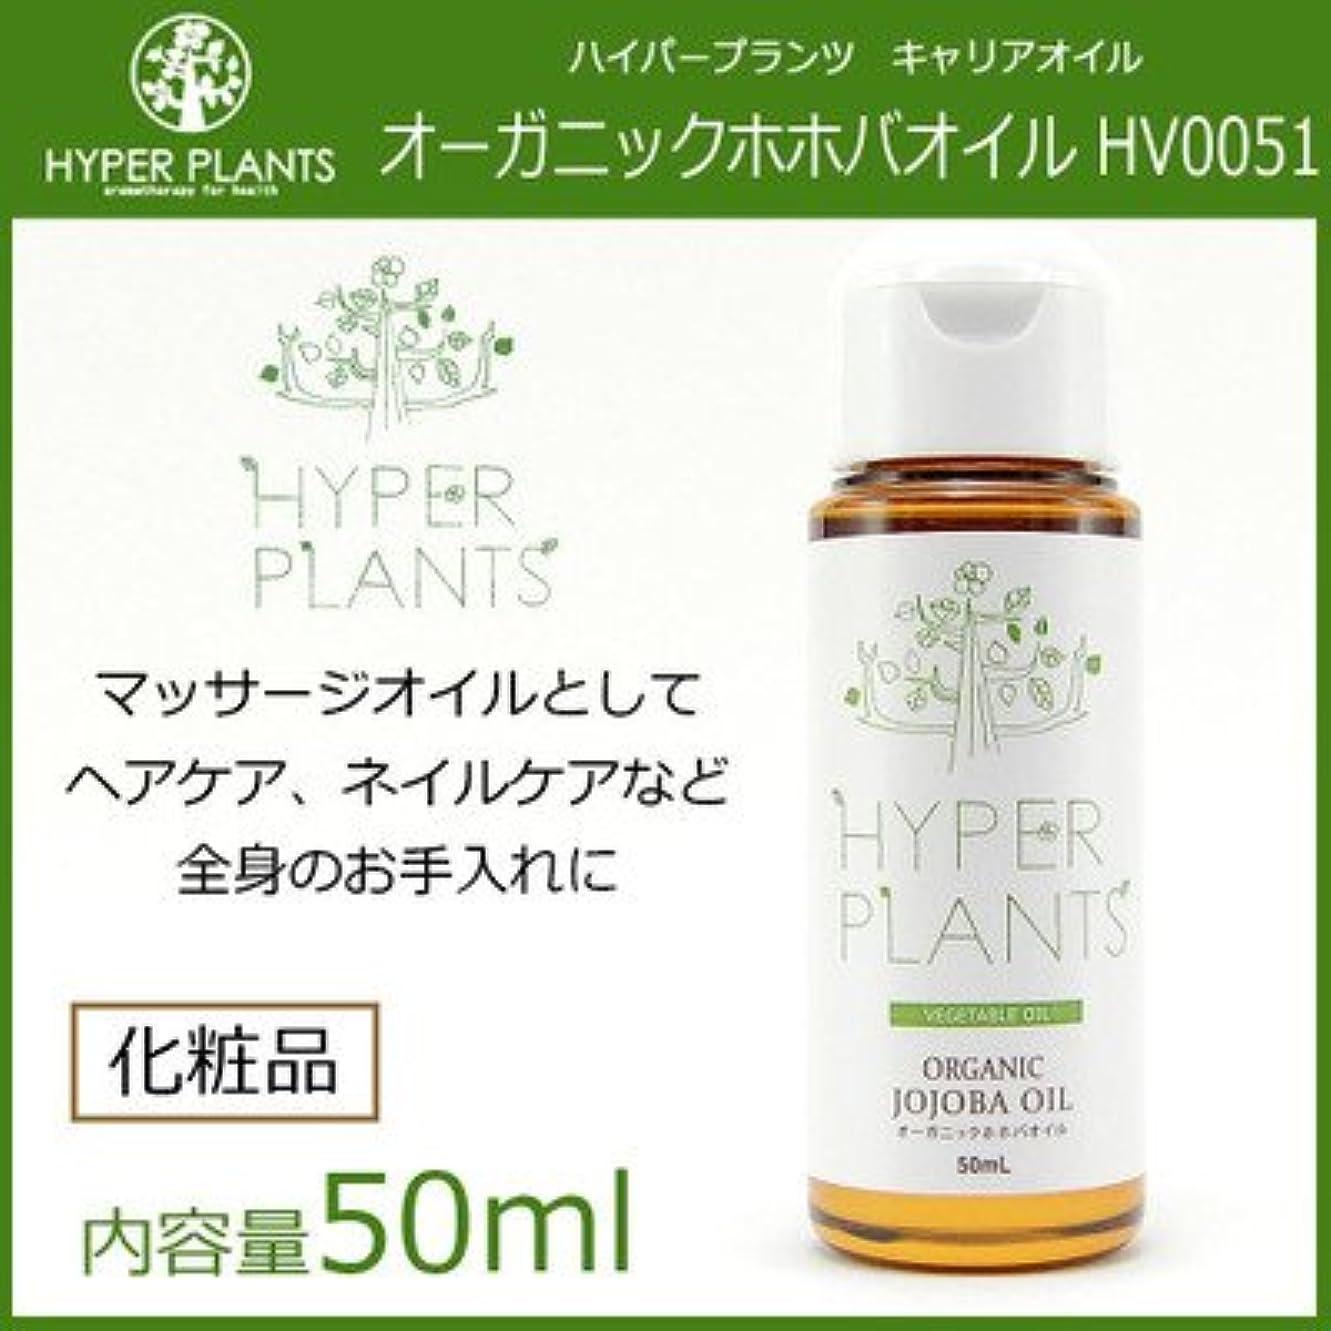 練習したエンドテーブルギャップ天然植物原料100%使用 肌なじみが良い定番オイル HYPER PLANTS ハイパープランツ キャリアオイル オーガニックホホバオイル 50ml HV0051